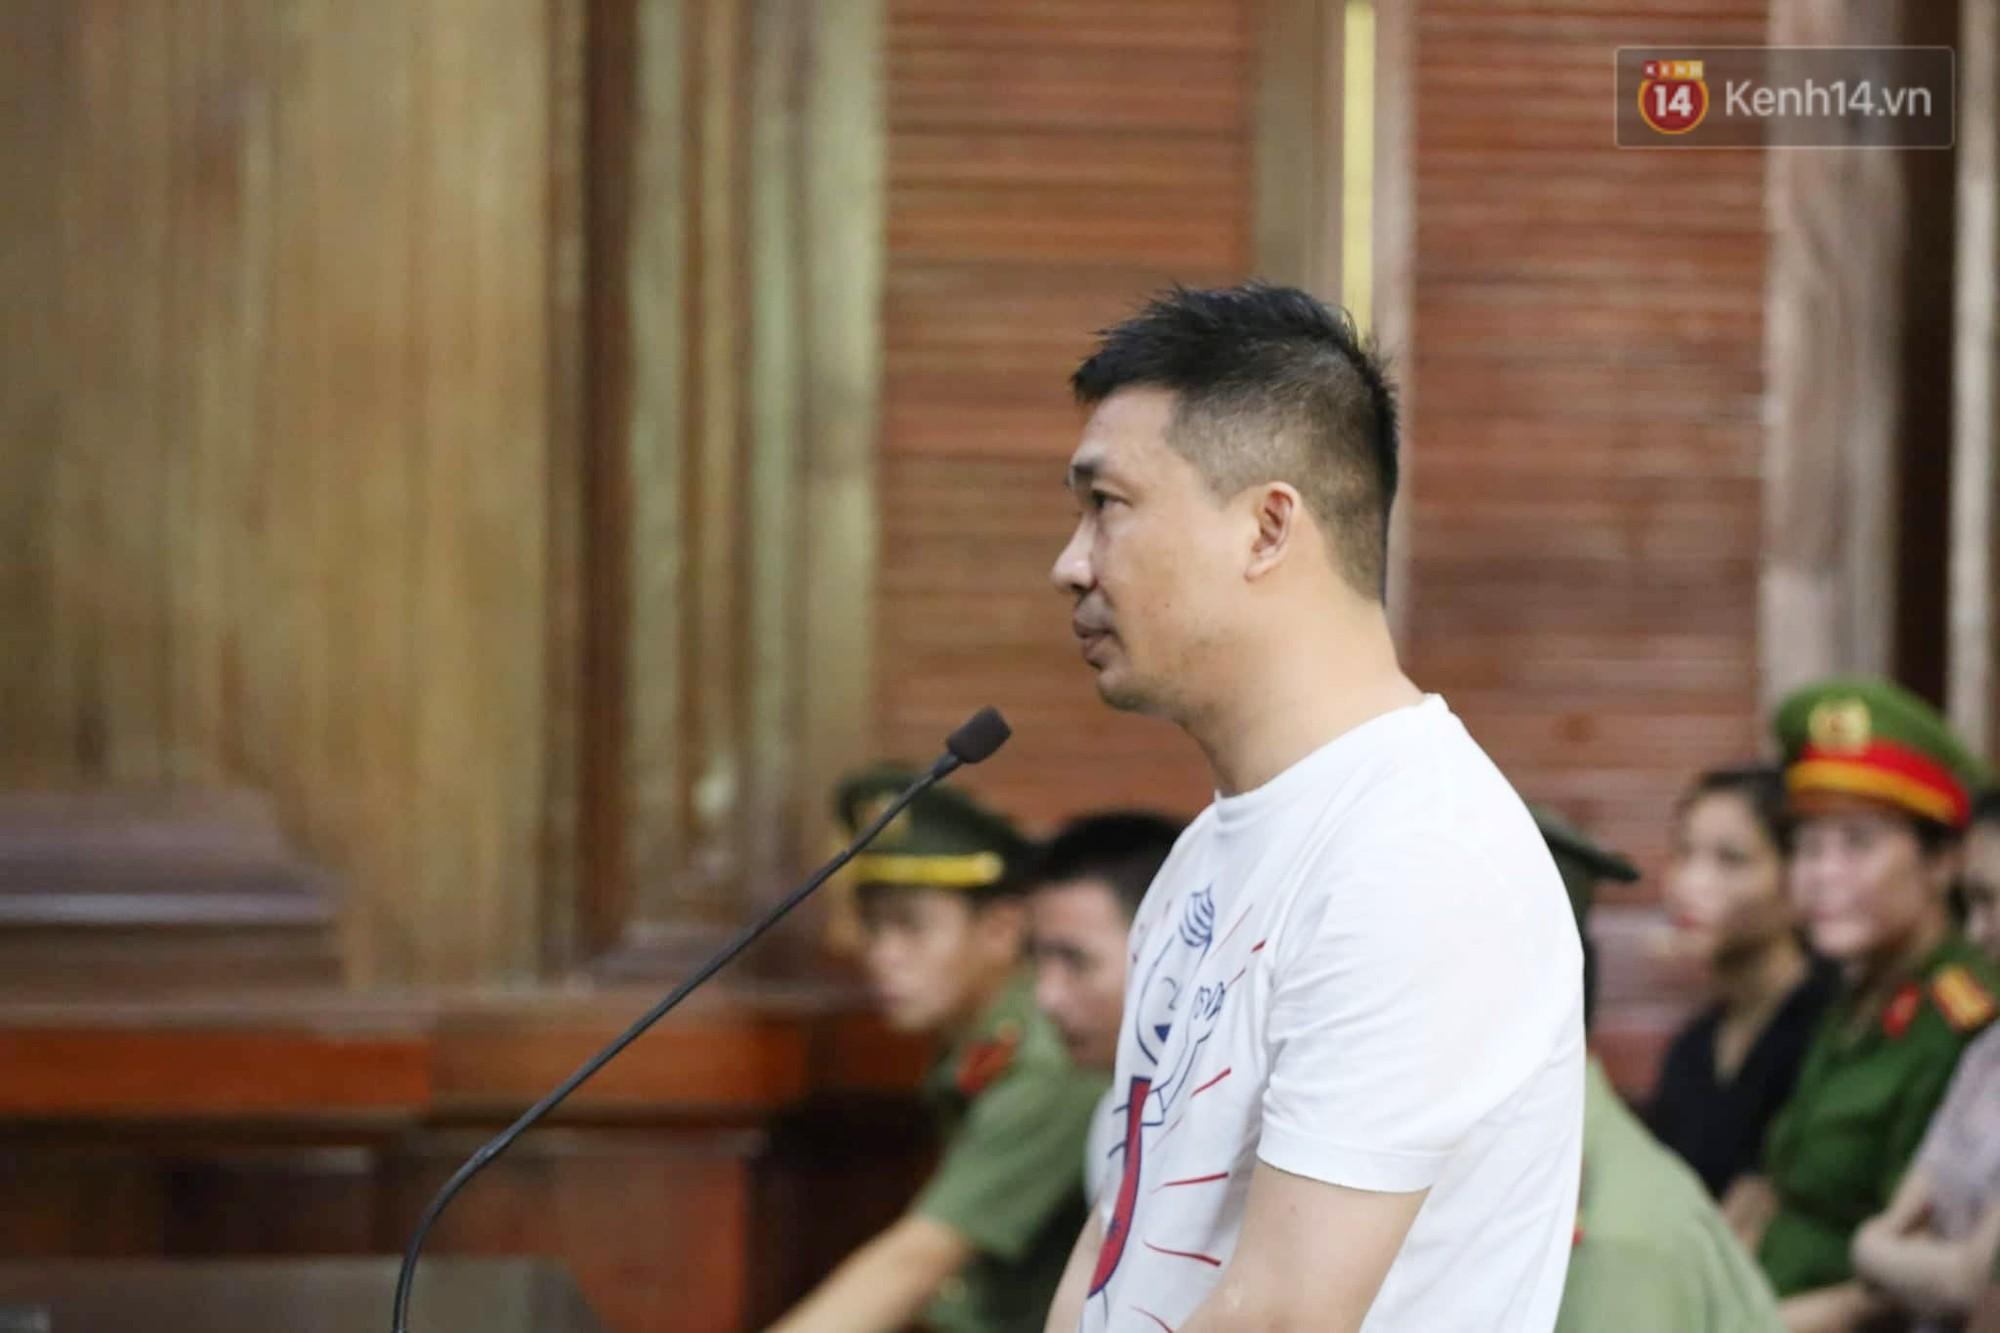 Ông trùm Văn Kính Dương vẫn cười dù bị đề nghị tử hình, hotgirl Ngọc Miu bật khóc khi VKS đưa mức án 20 năm tù - Ảnh 6.